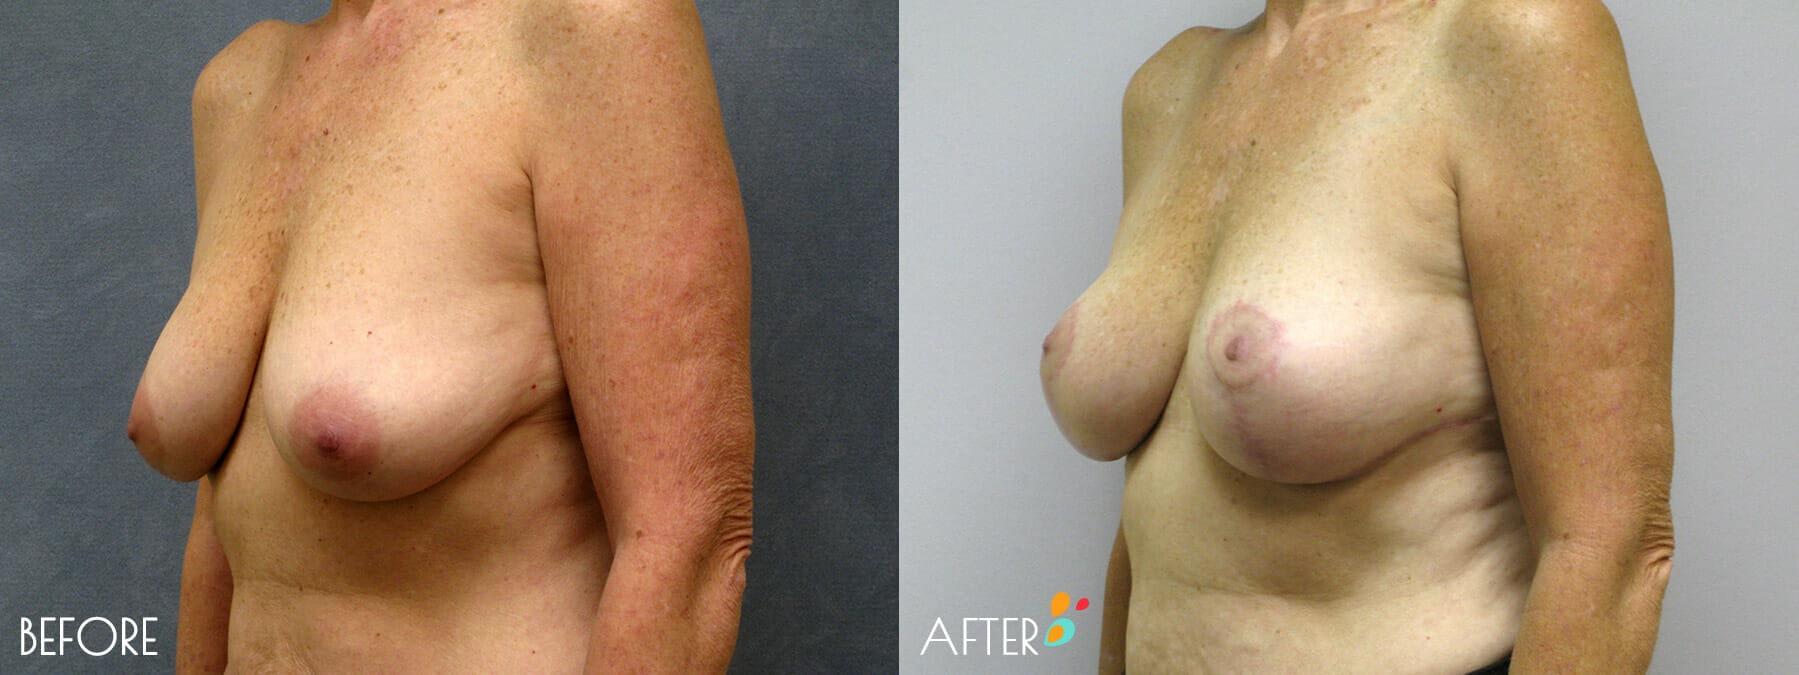 Breast Lift Patient 03, Quarter